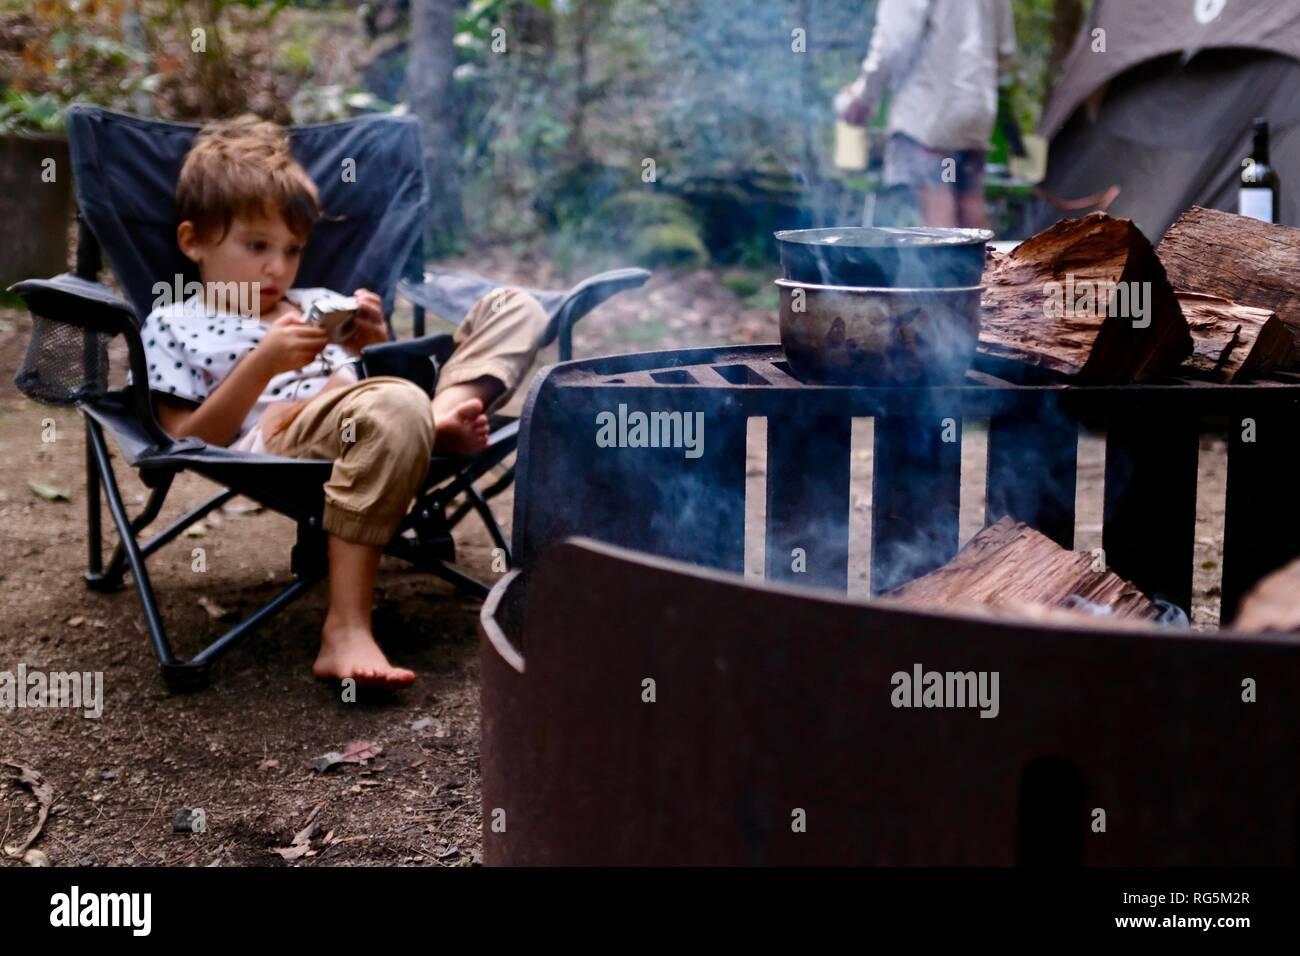 Une jeune fille se trouve près d'un feu de camp, Fern télévision camping area, Eungella National Park, Queensland, Australie Banque D'Images